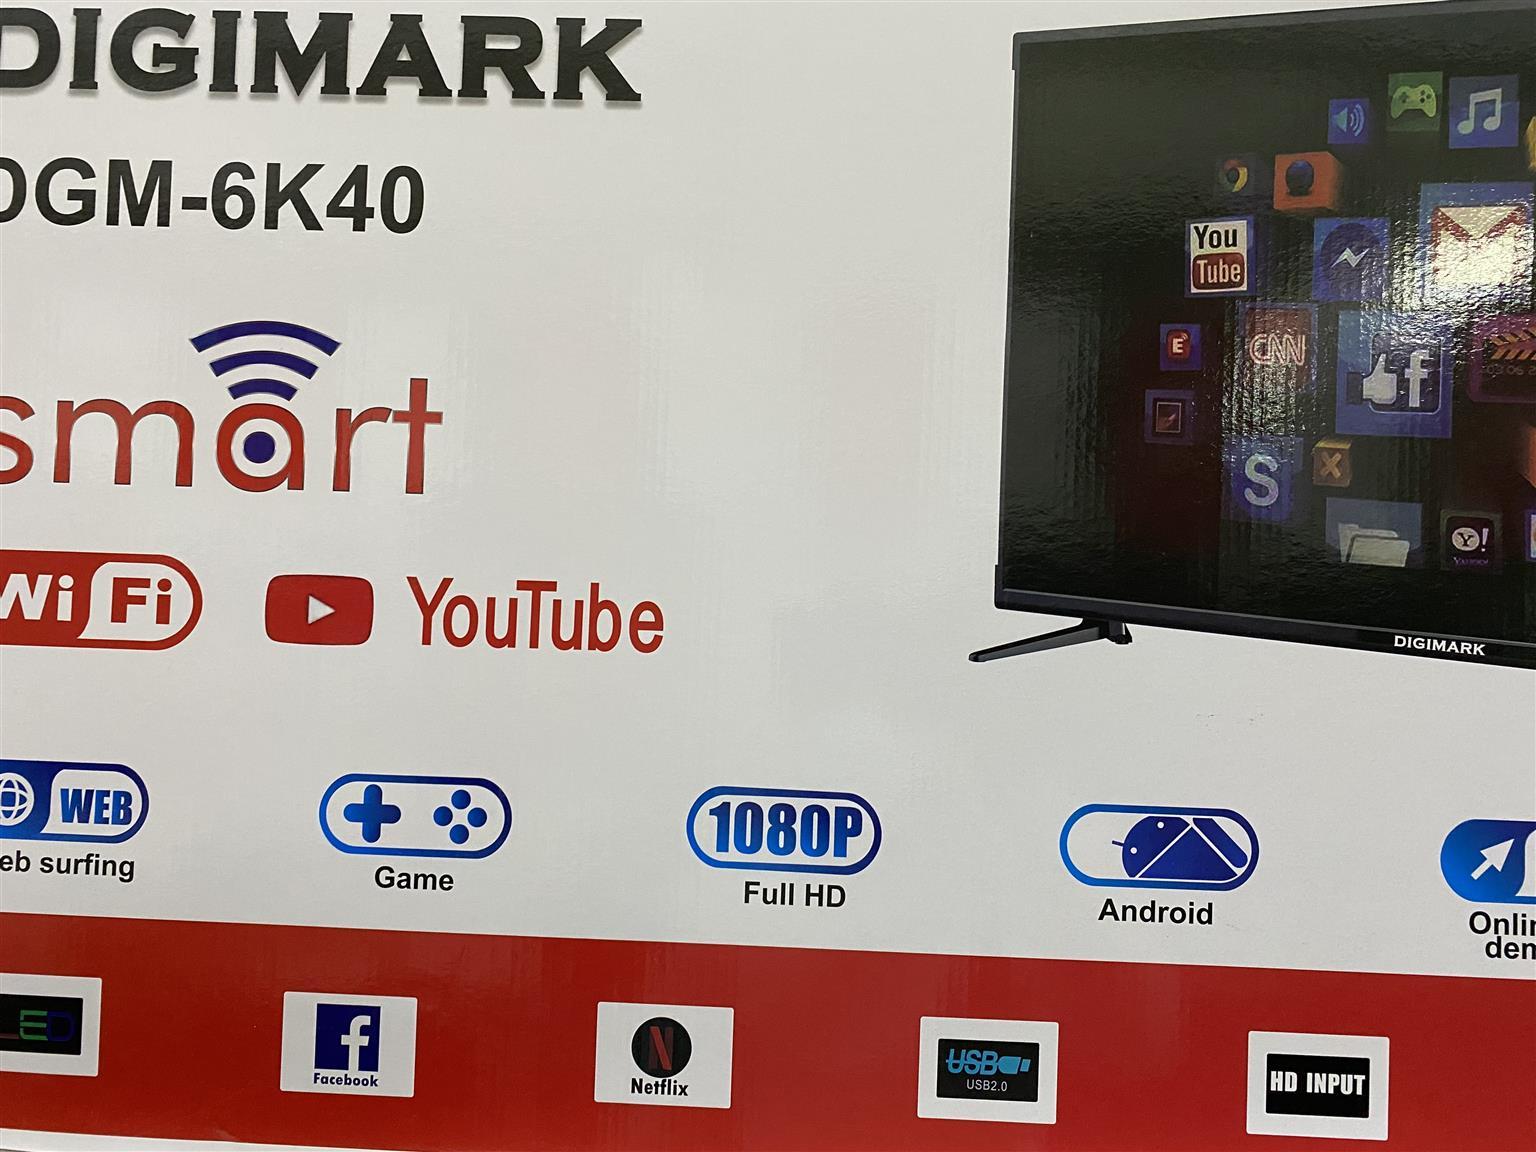 40 inch DIGIMARK smart TVs